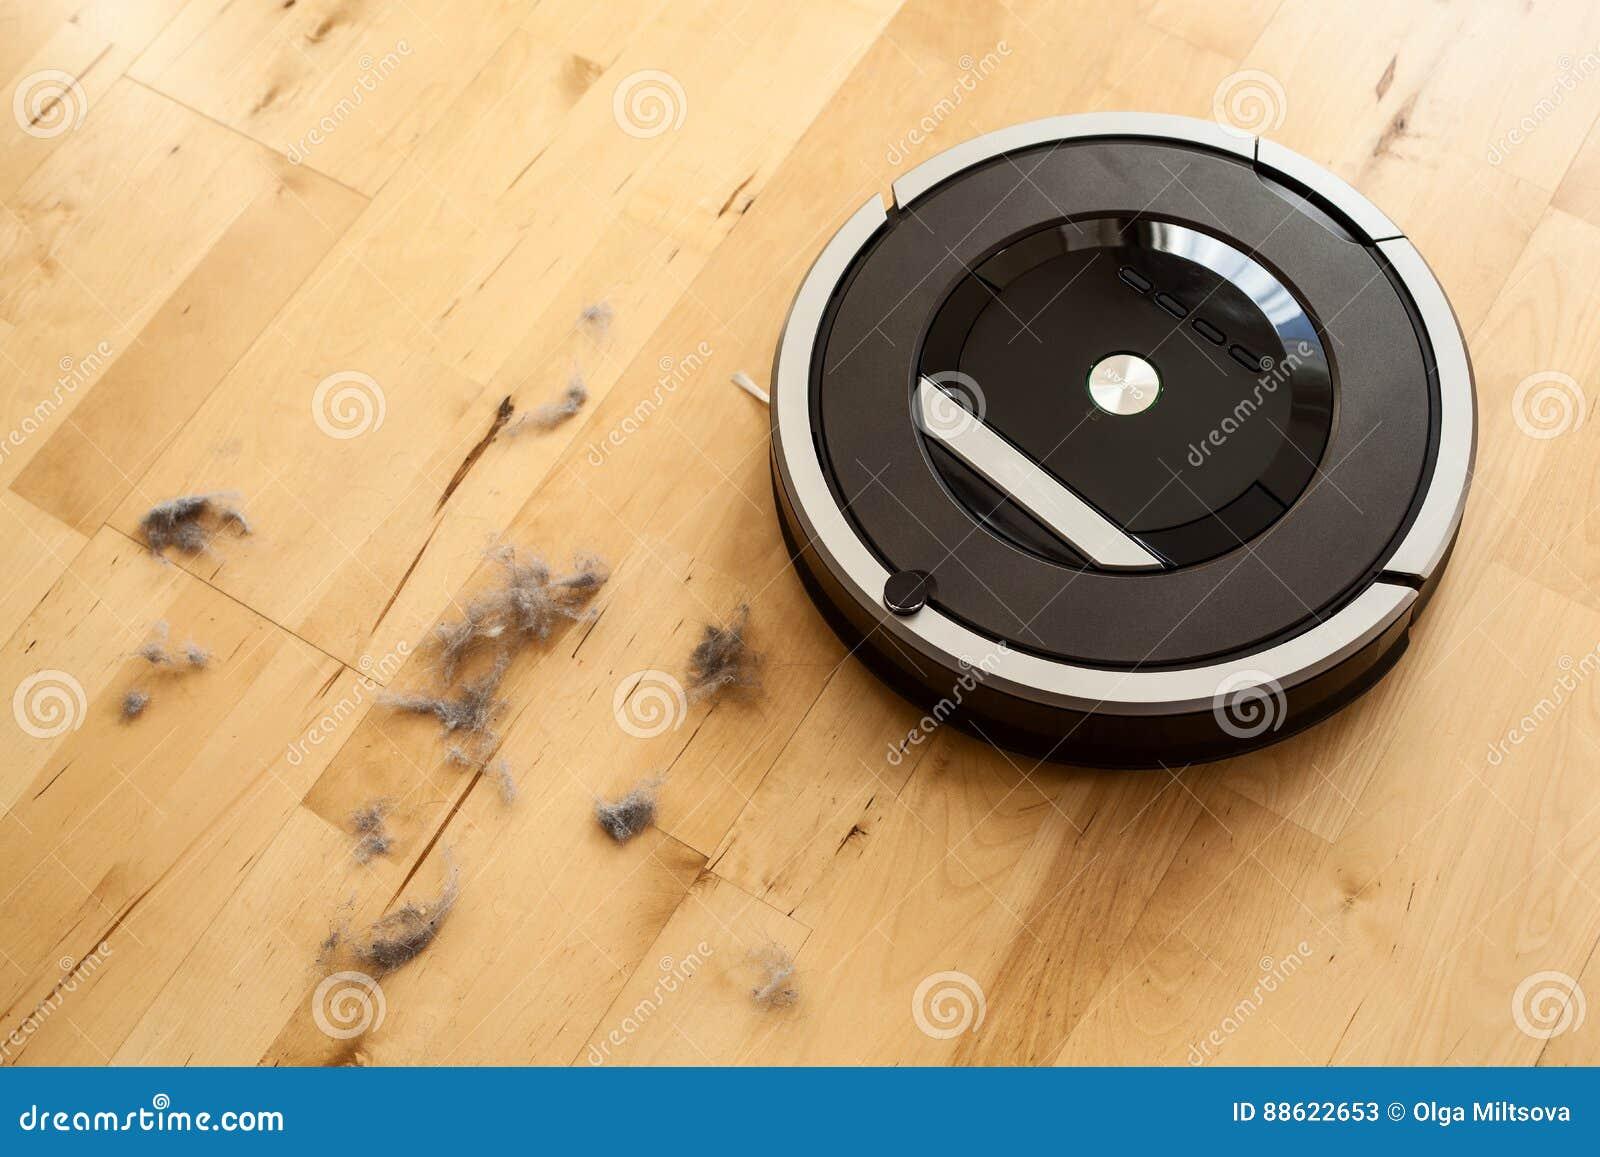 Holzfußboden Reinigen ~ Roboterstaubsauger auf der intelligenten reinigung des